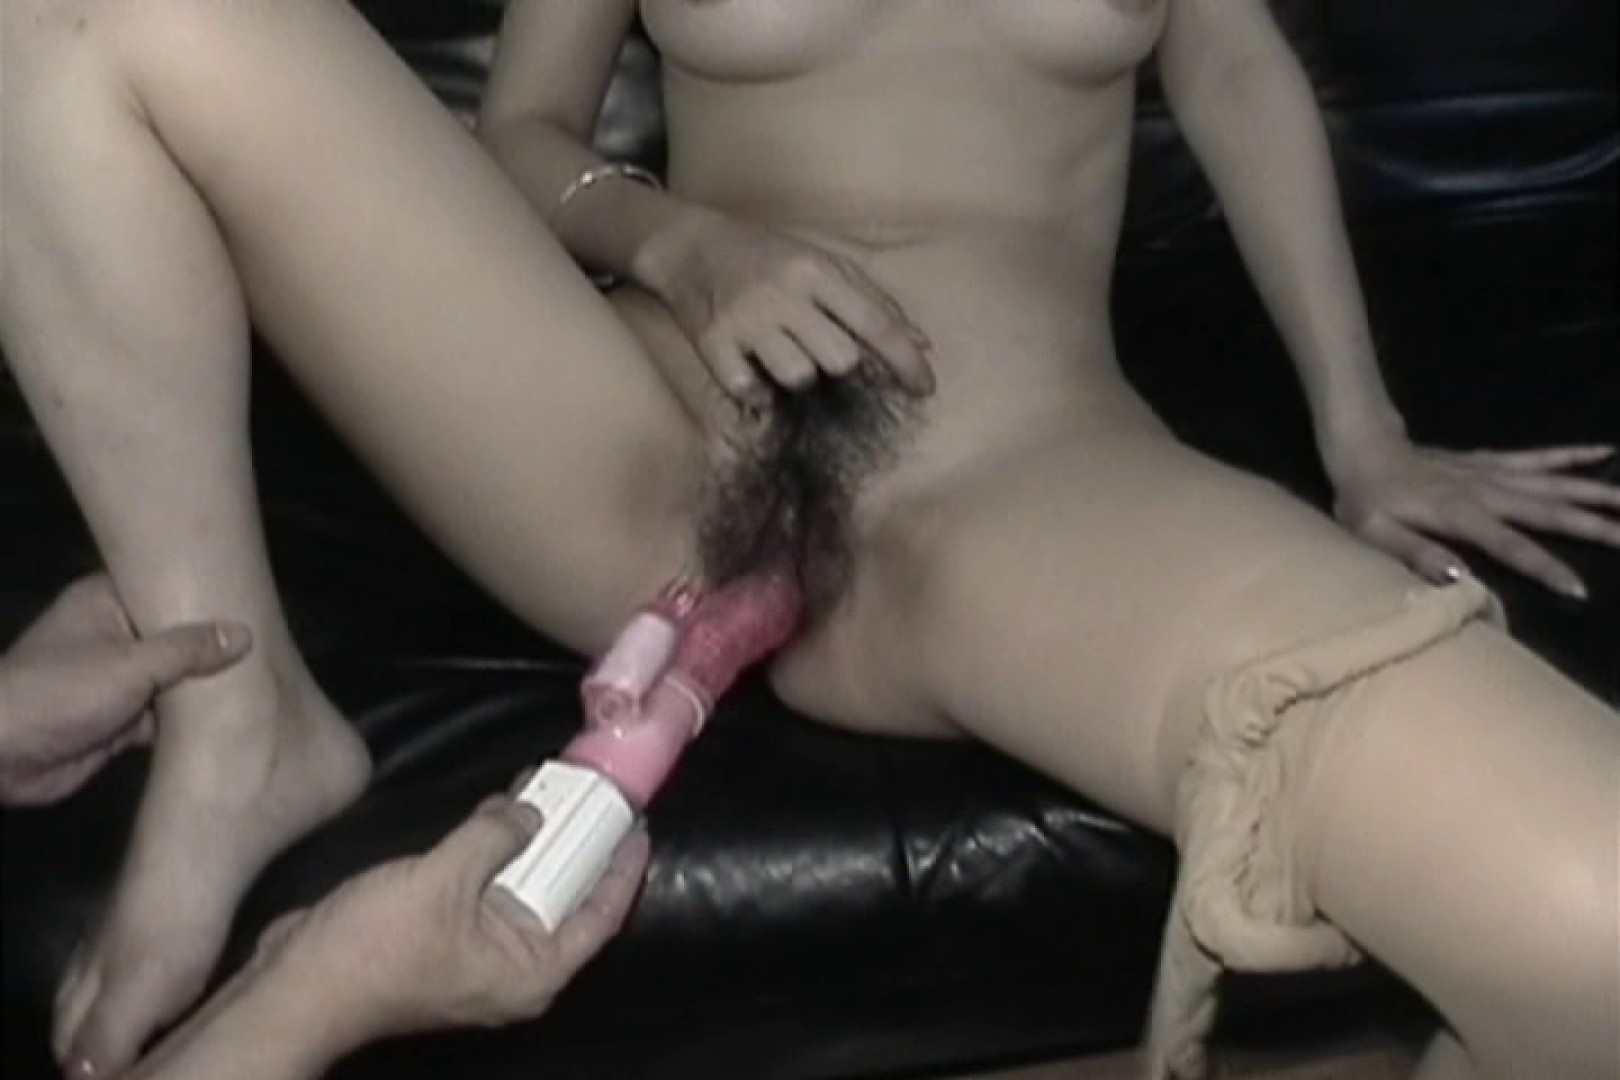 形の良いお椀型の美乳熟女とSEX~川島みさき~ クンニ スケベ動画紹介 106PIX 89